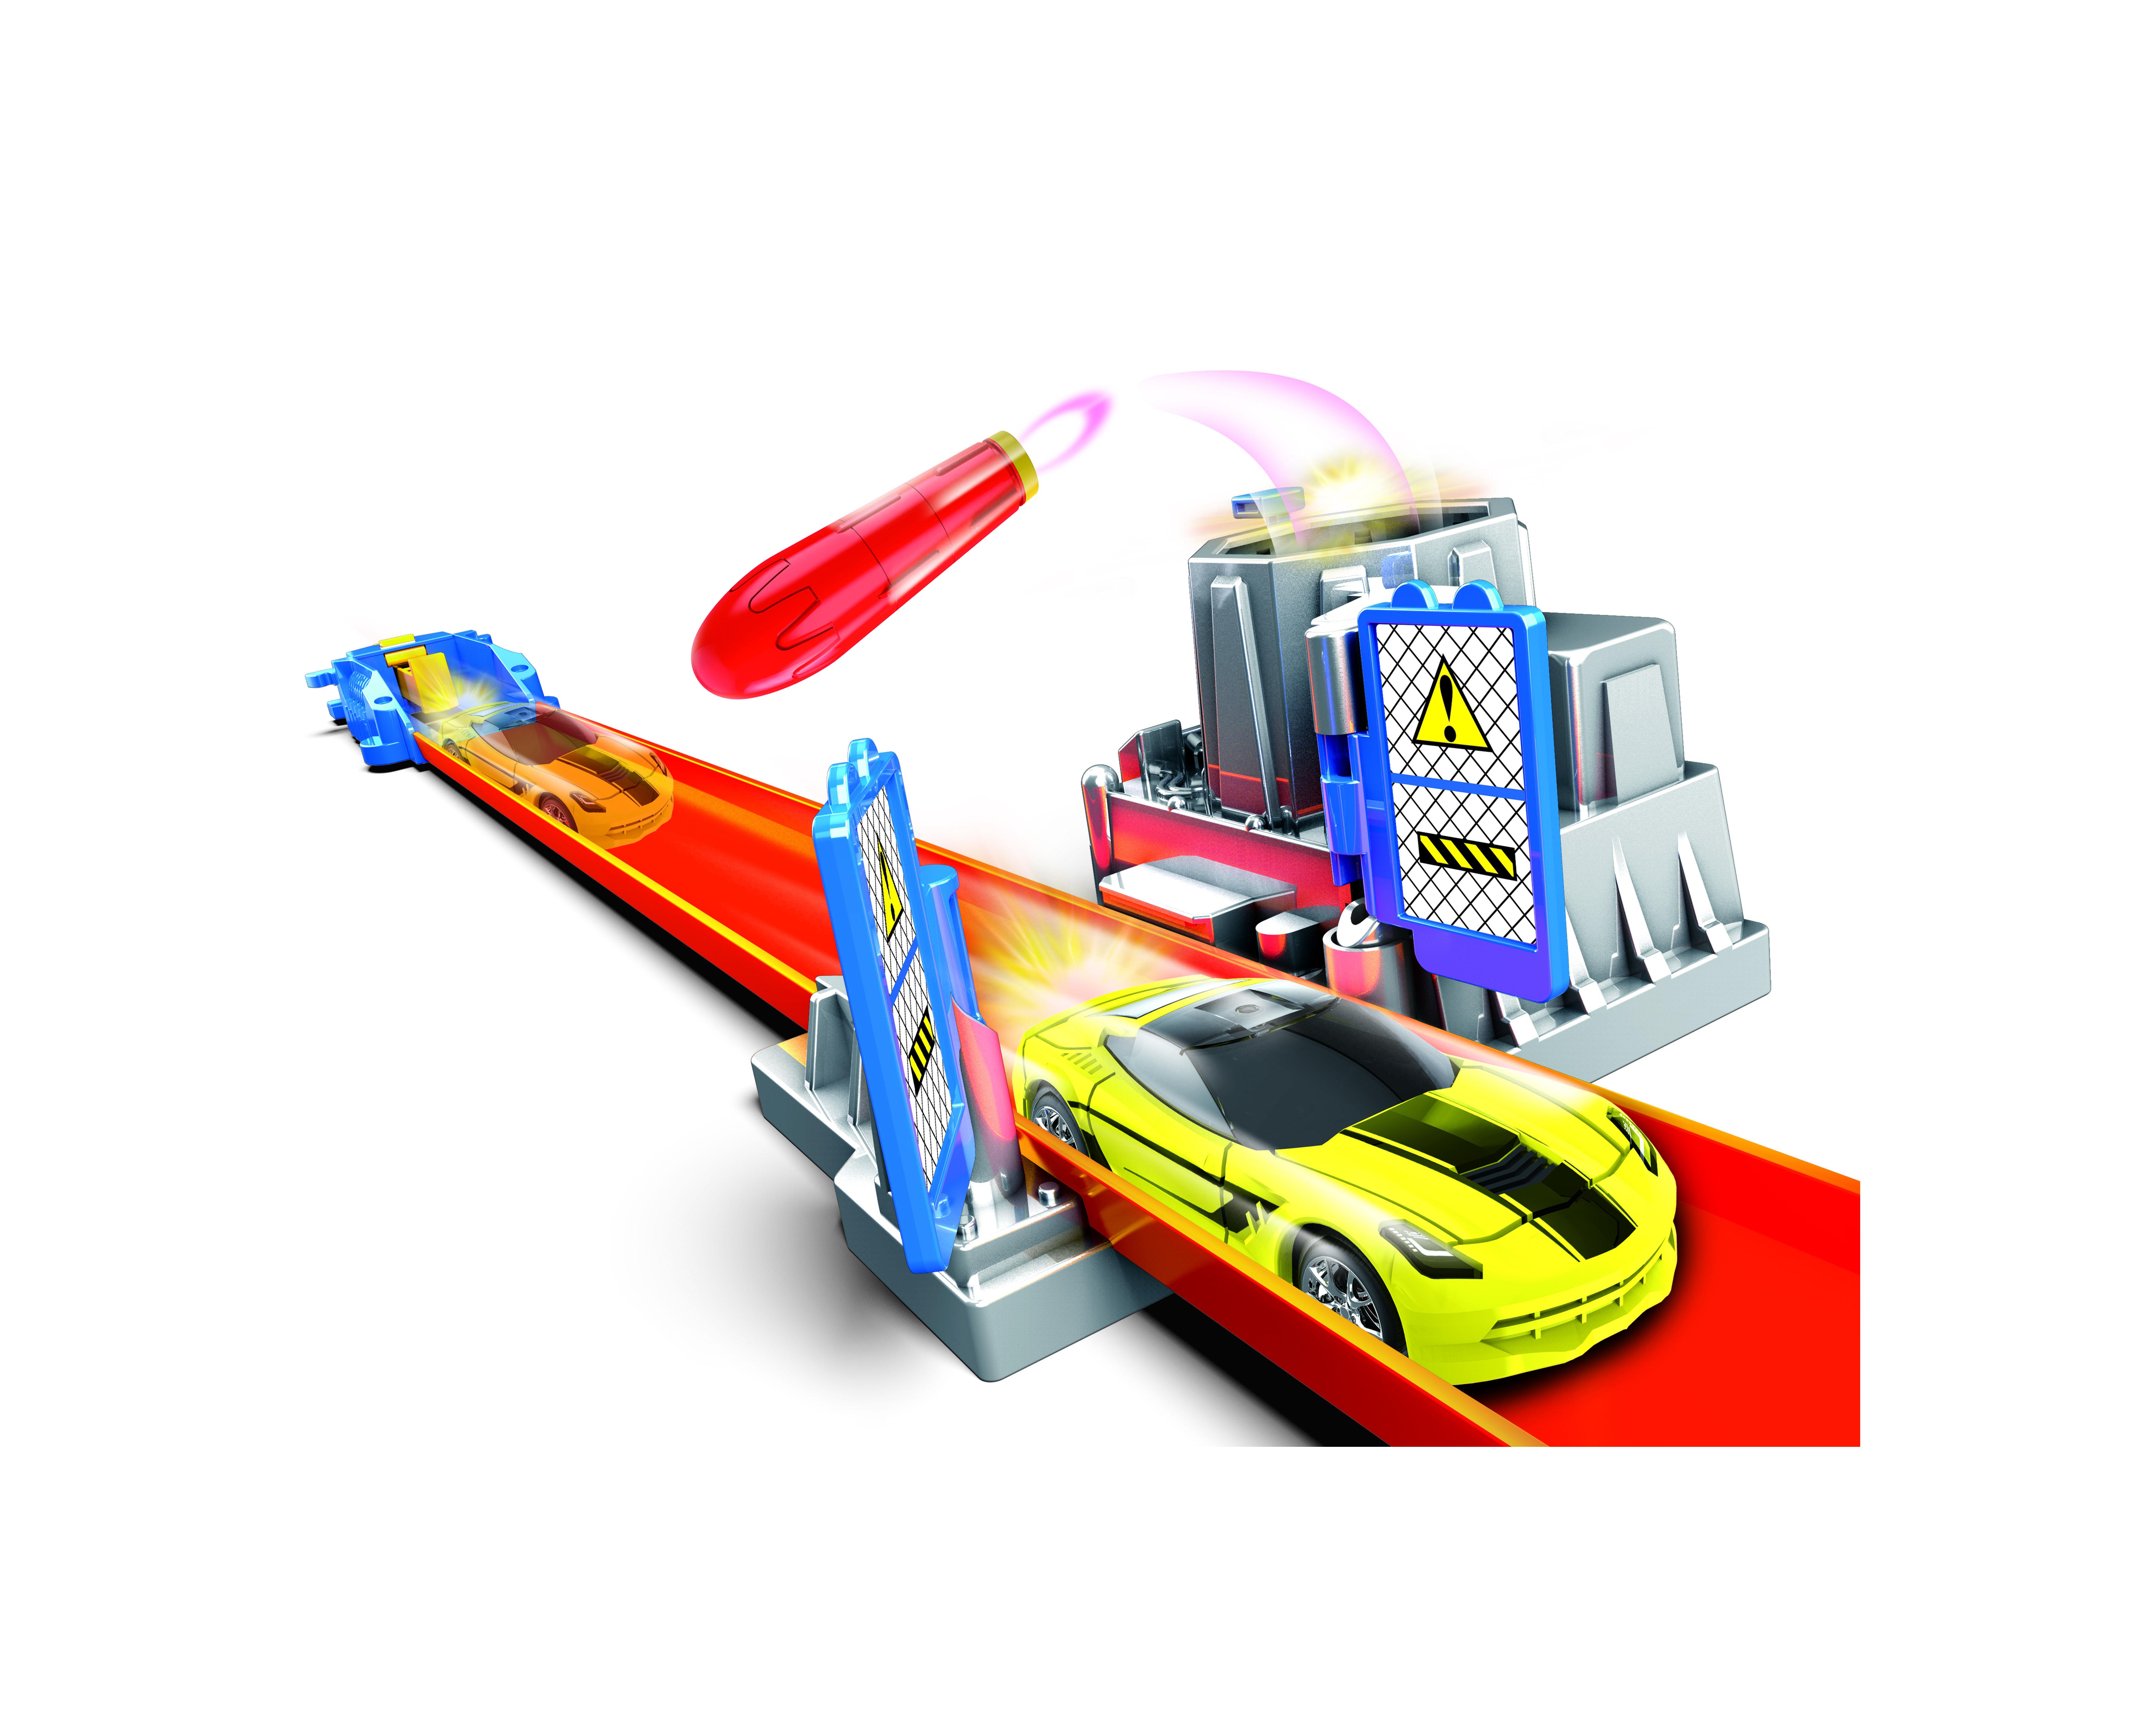 купить Игровой набор База игрушек Улетные гонки: Пуск ракеты недорого